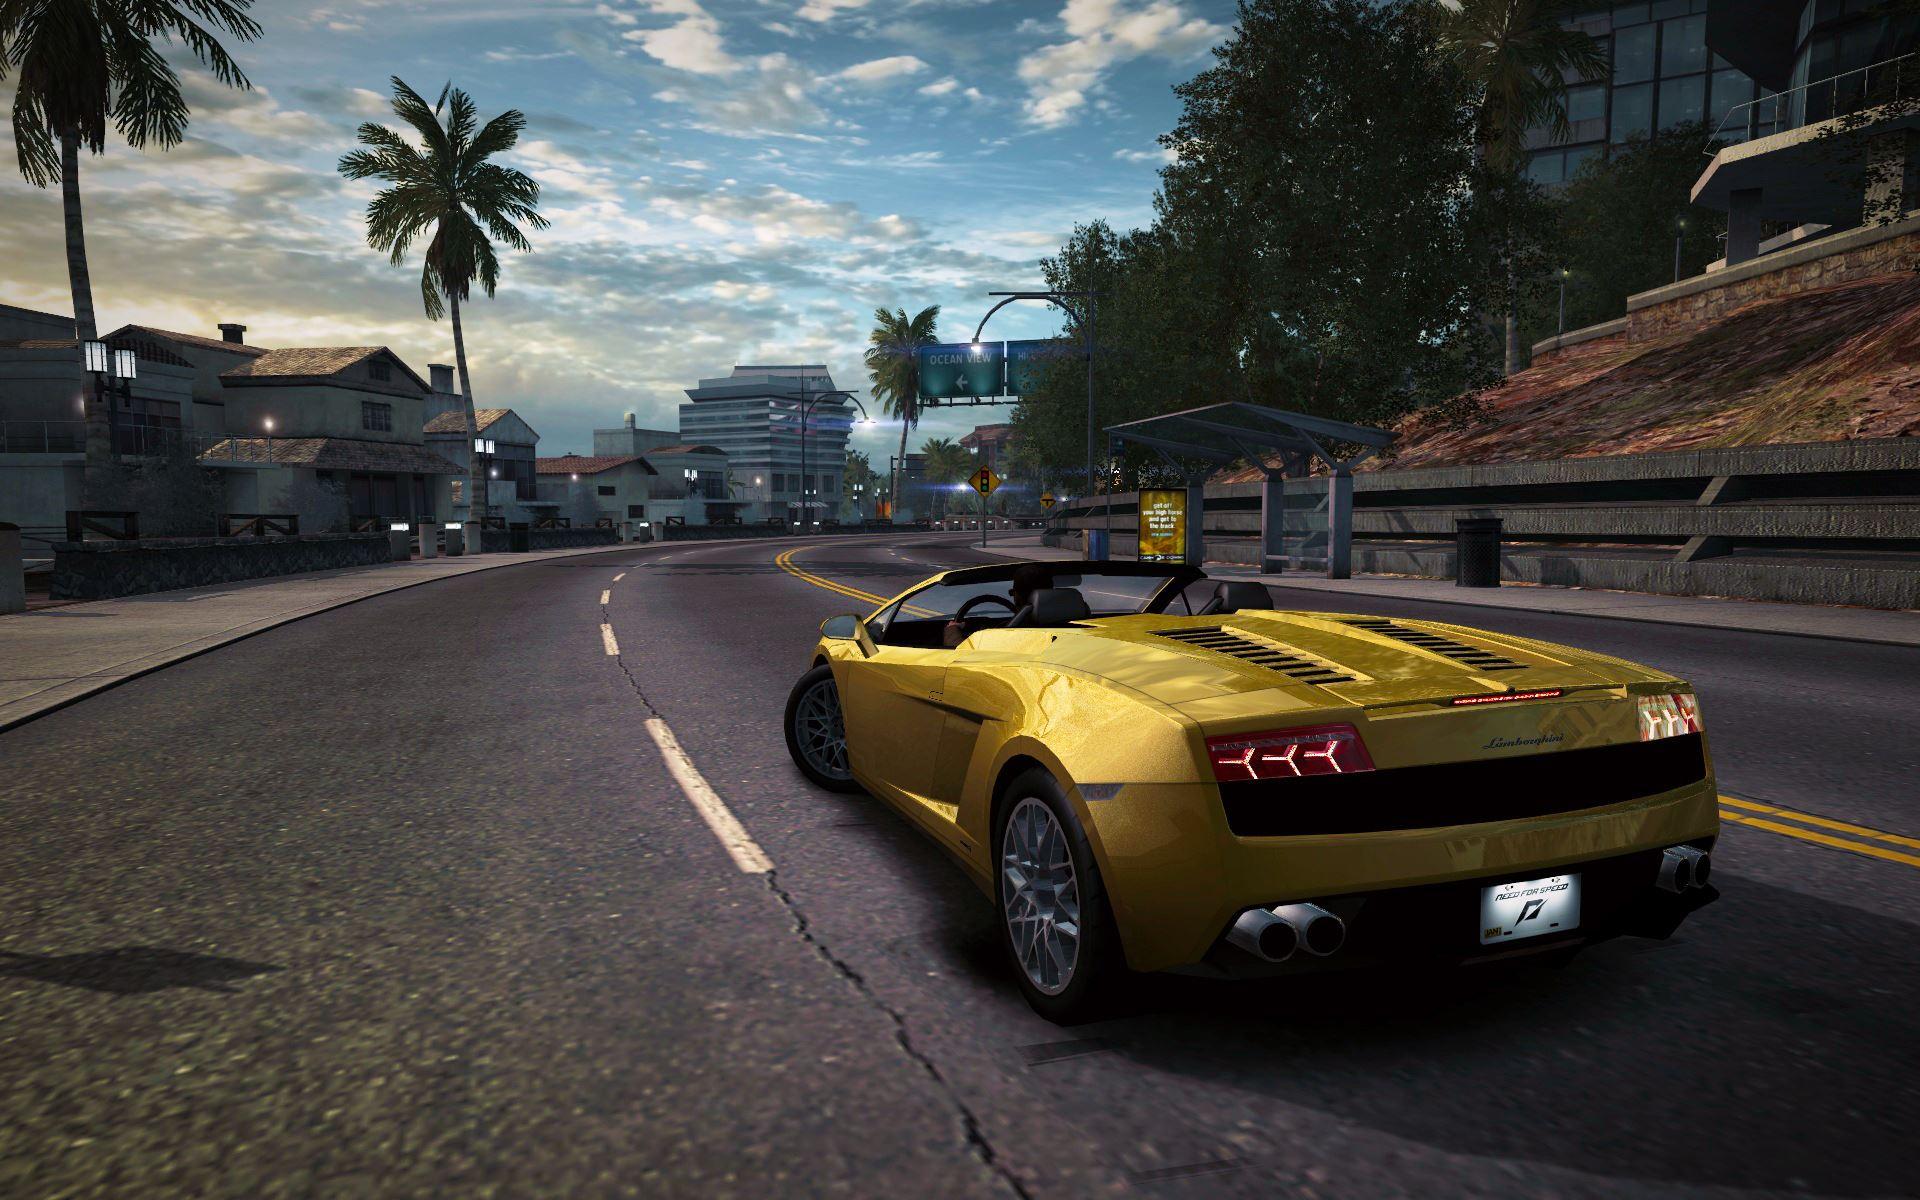 Lamborghini Gallardo LP560 4 Spyder